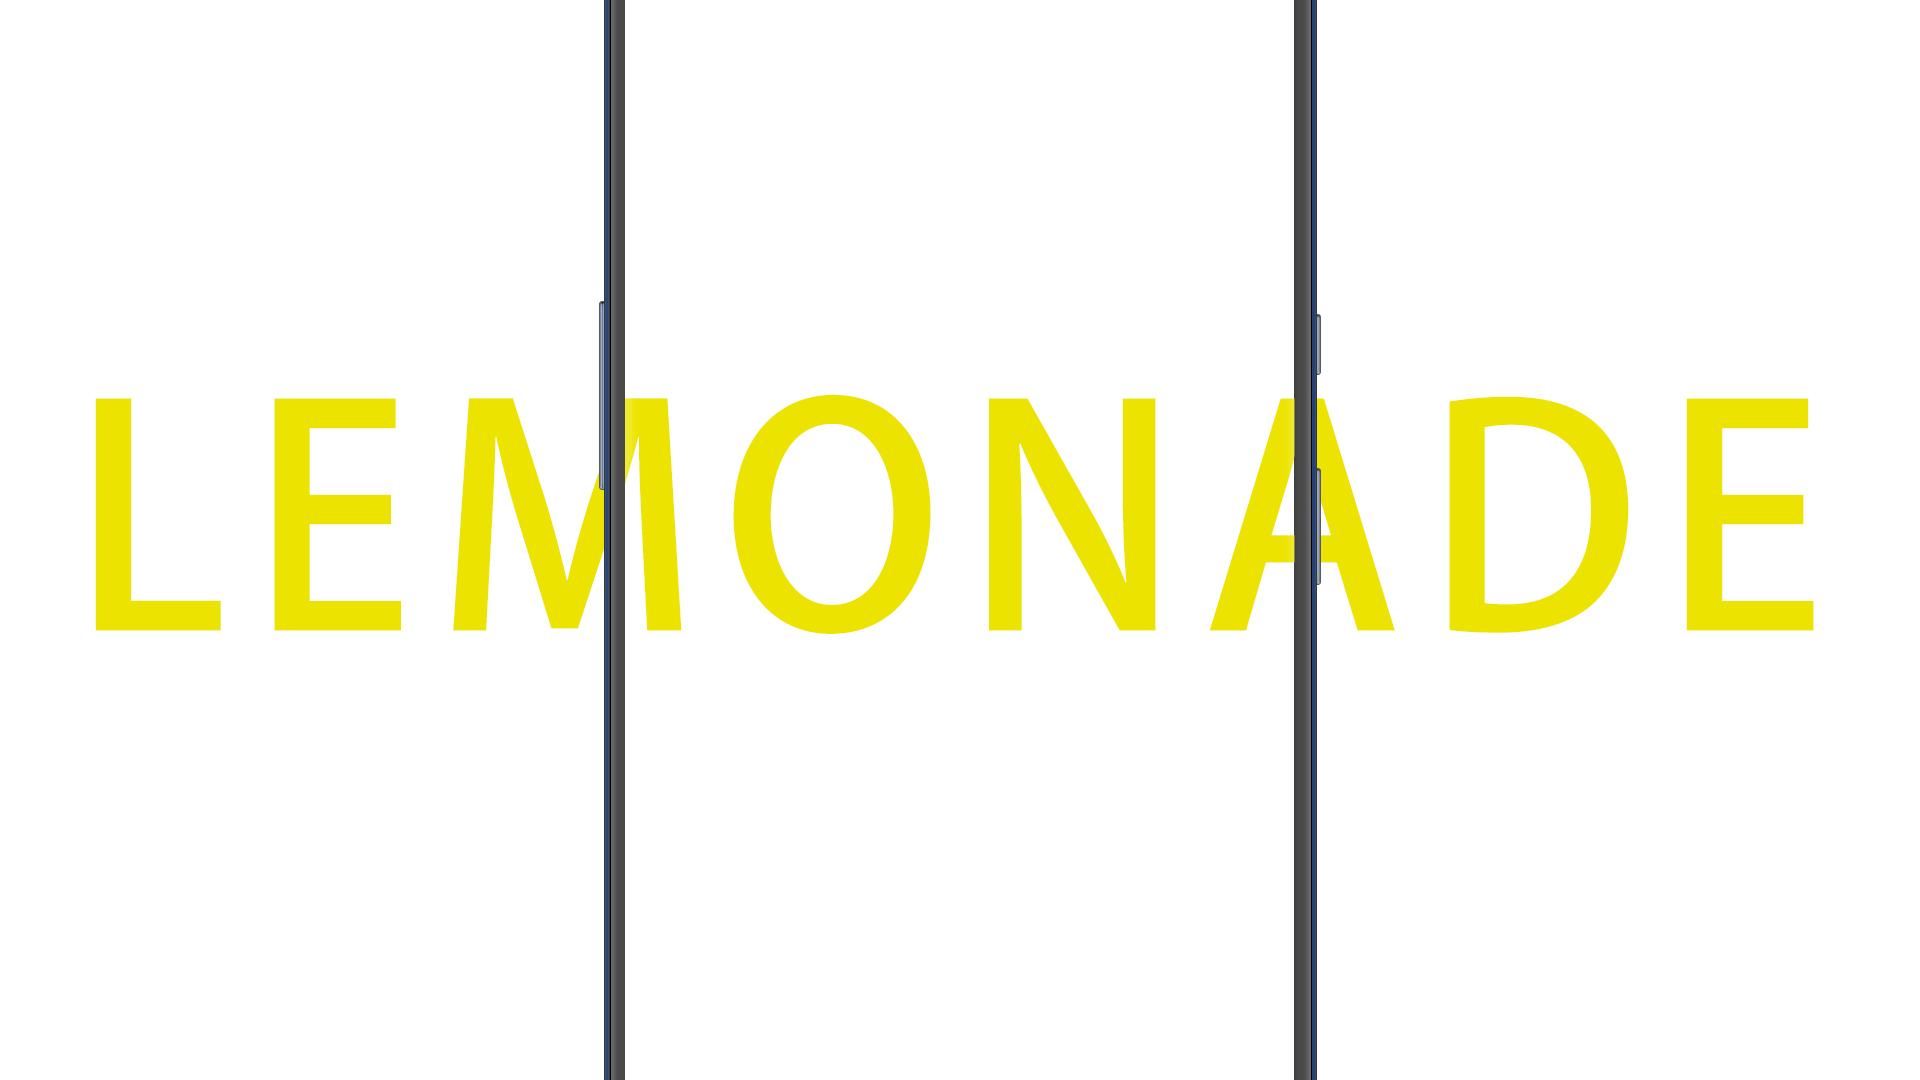 oneplus 9 lemoniada